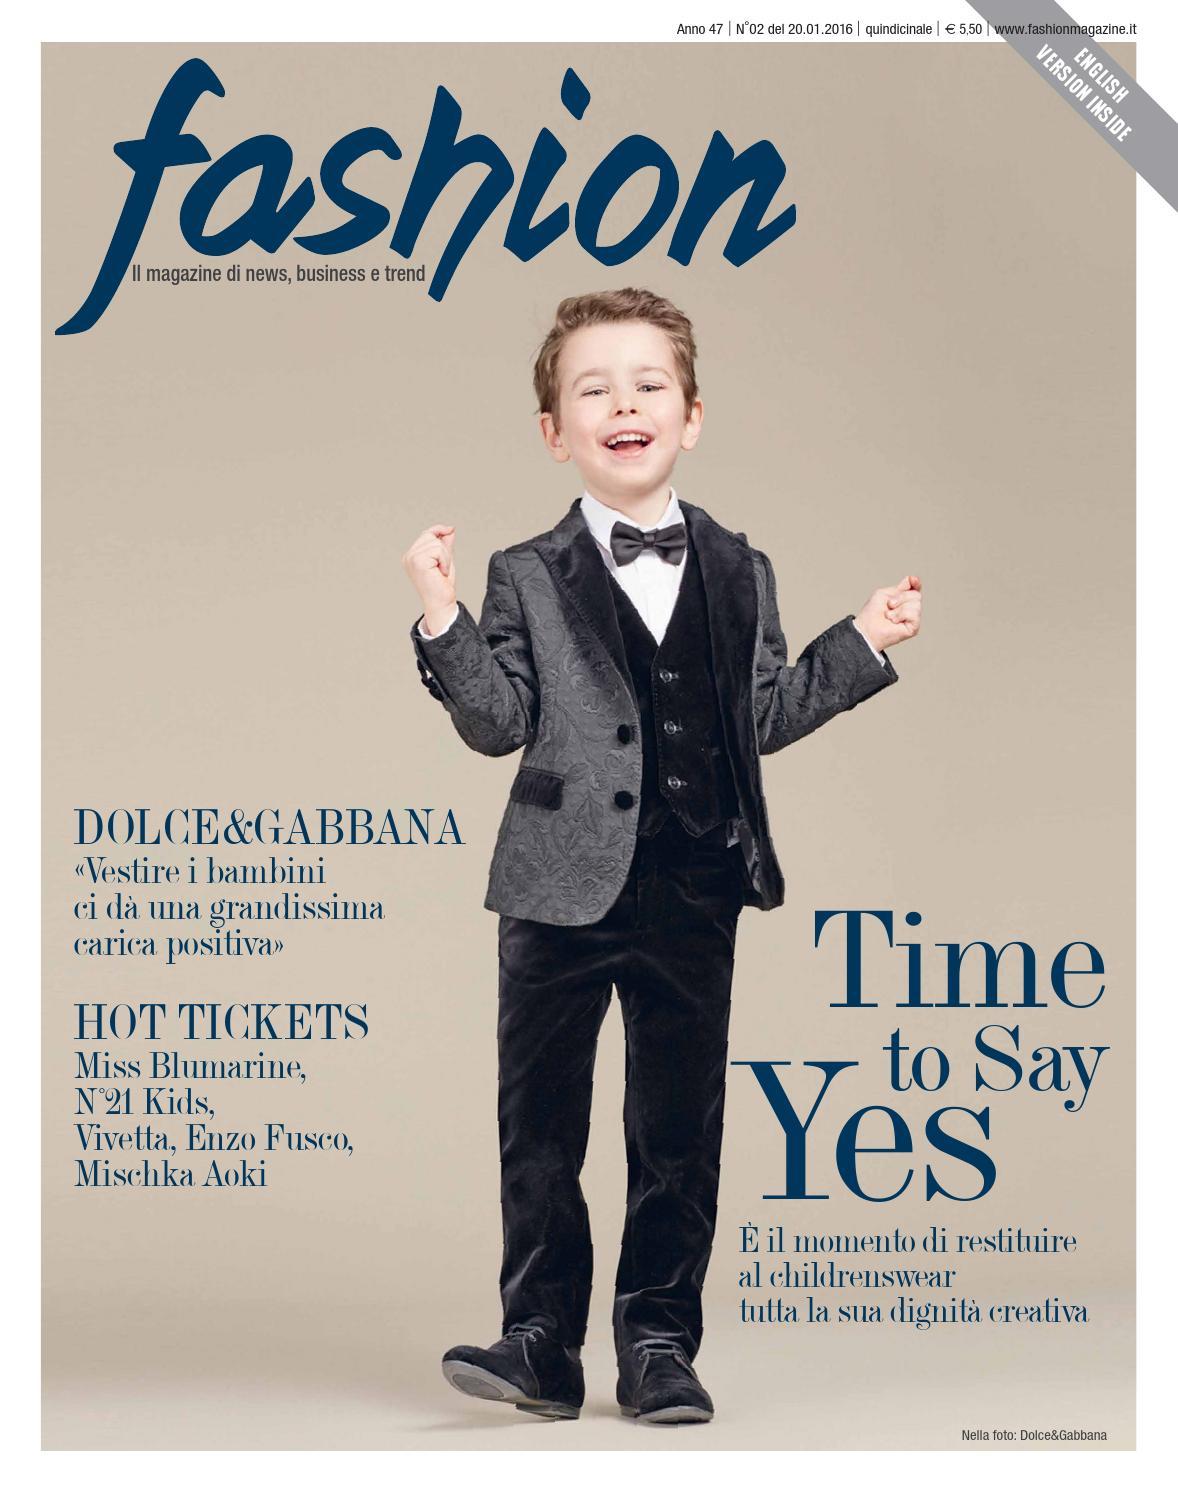 c9b3a7eb2ebc FLIP PAGE FA N 2 2016 by Fashionmagazine - issuu